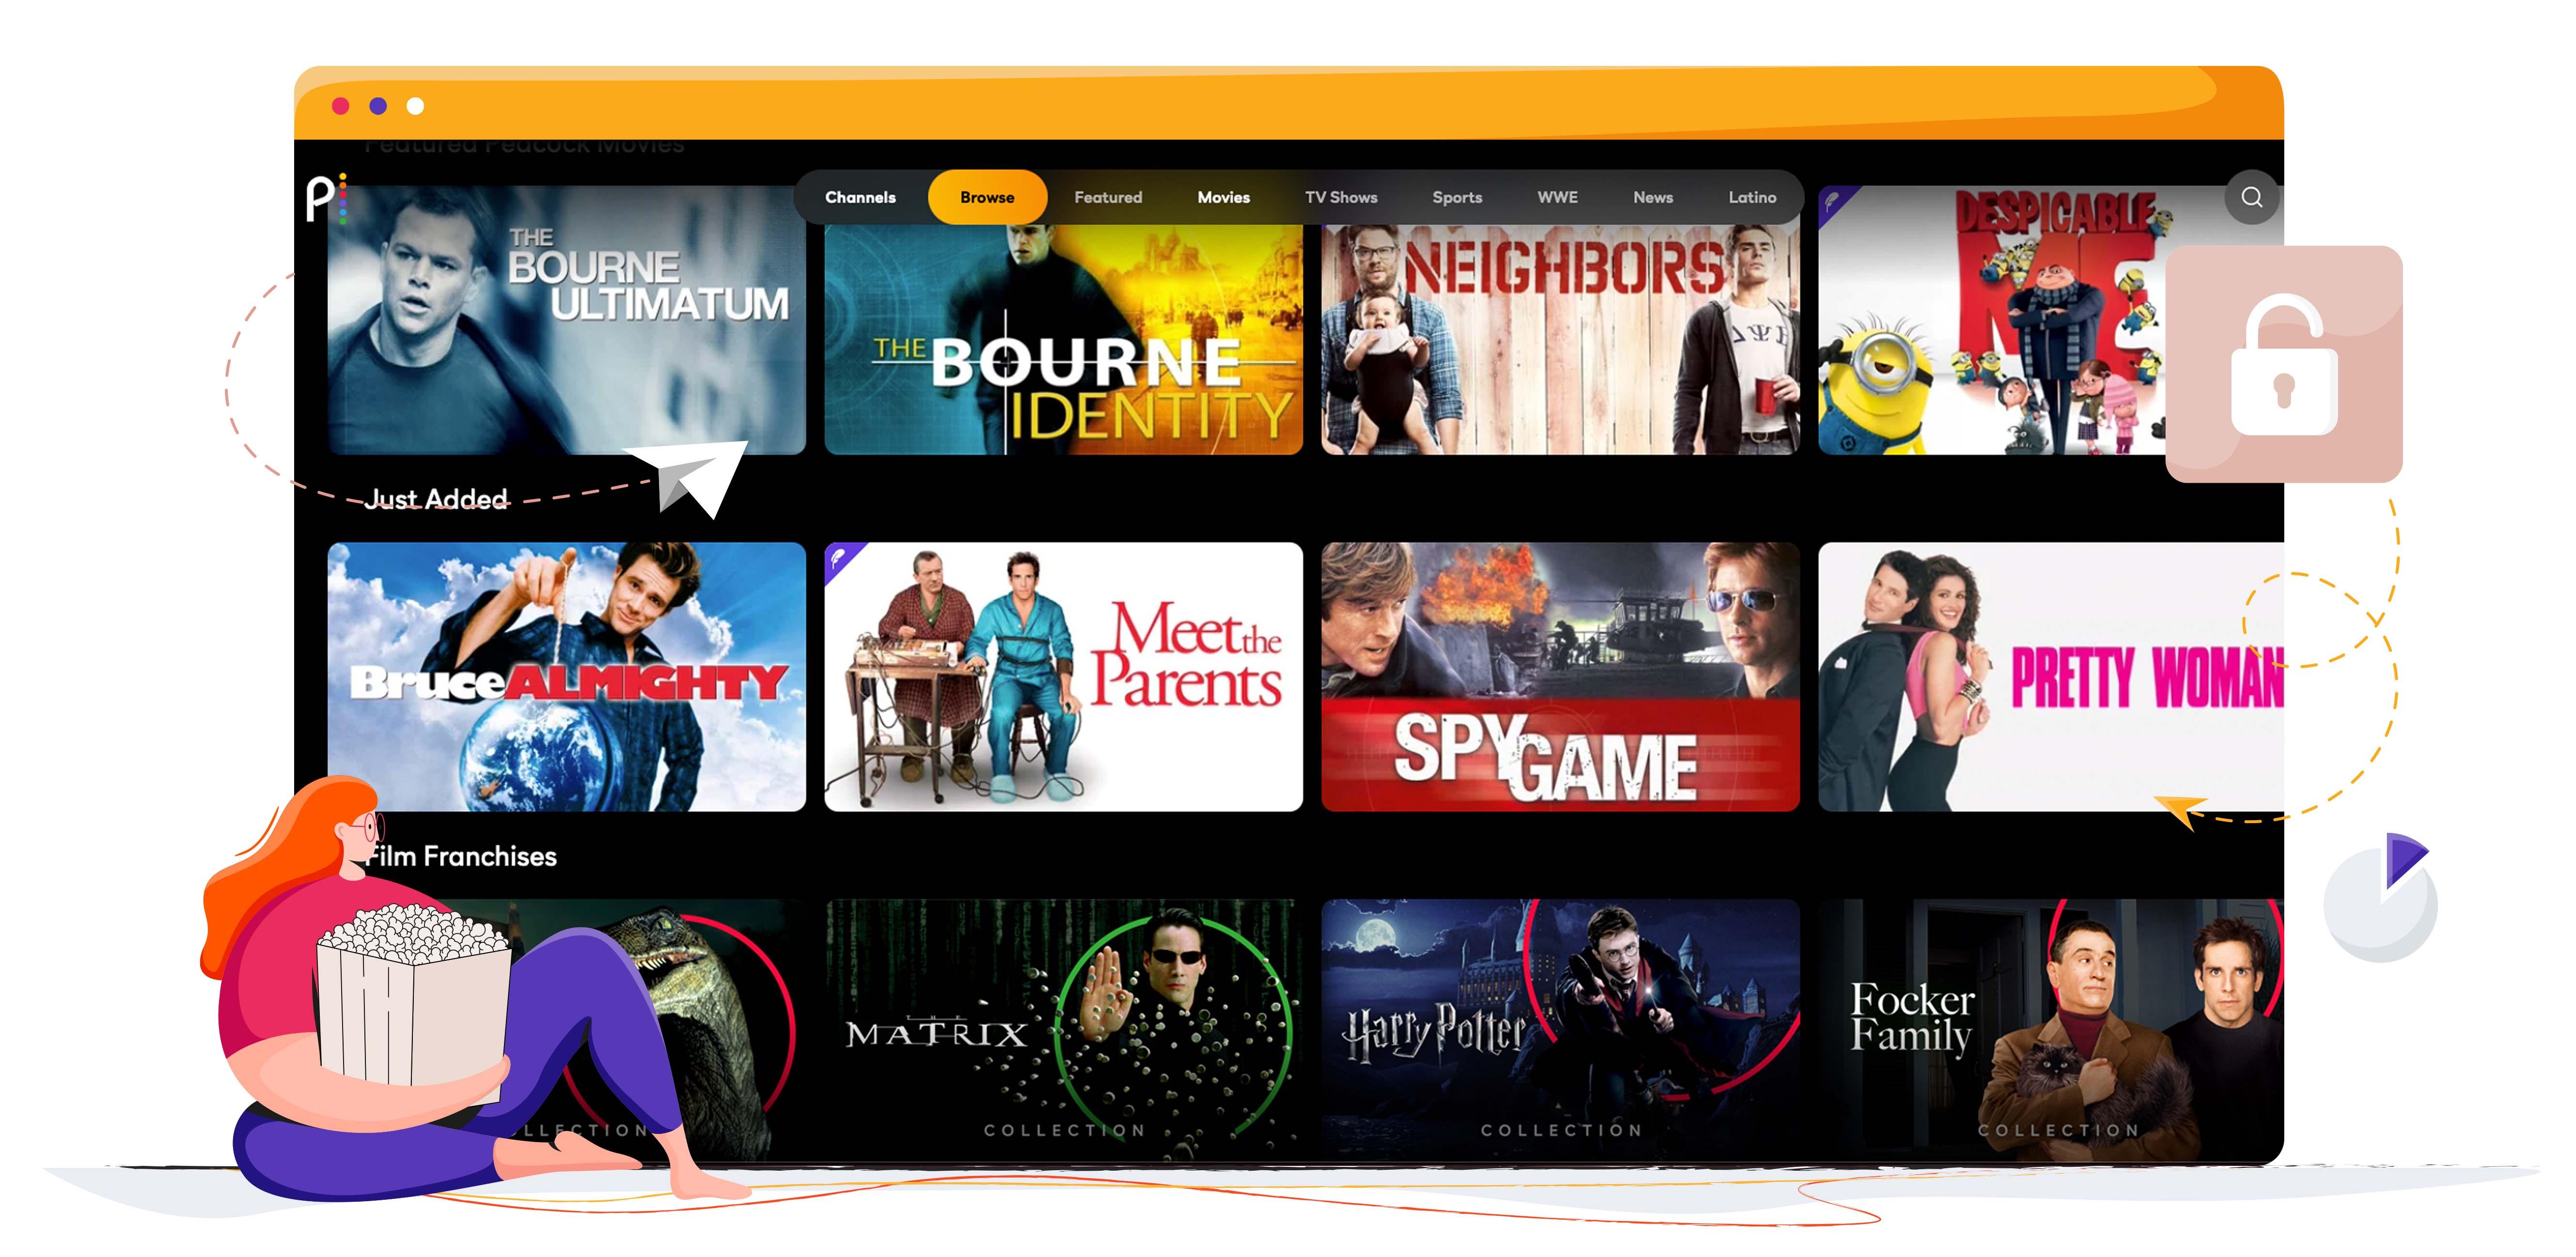 Peacock TV, aksiyon filmlerini ücretsiz olarak yayınlıyor